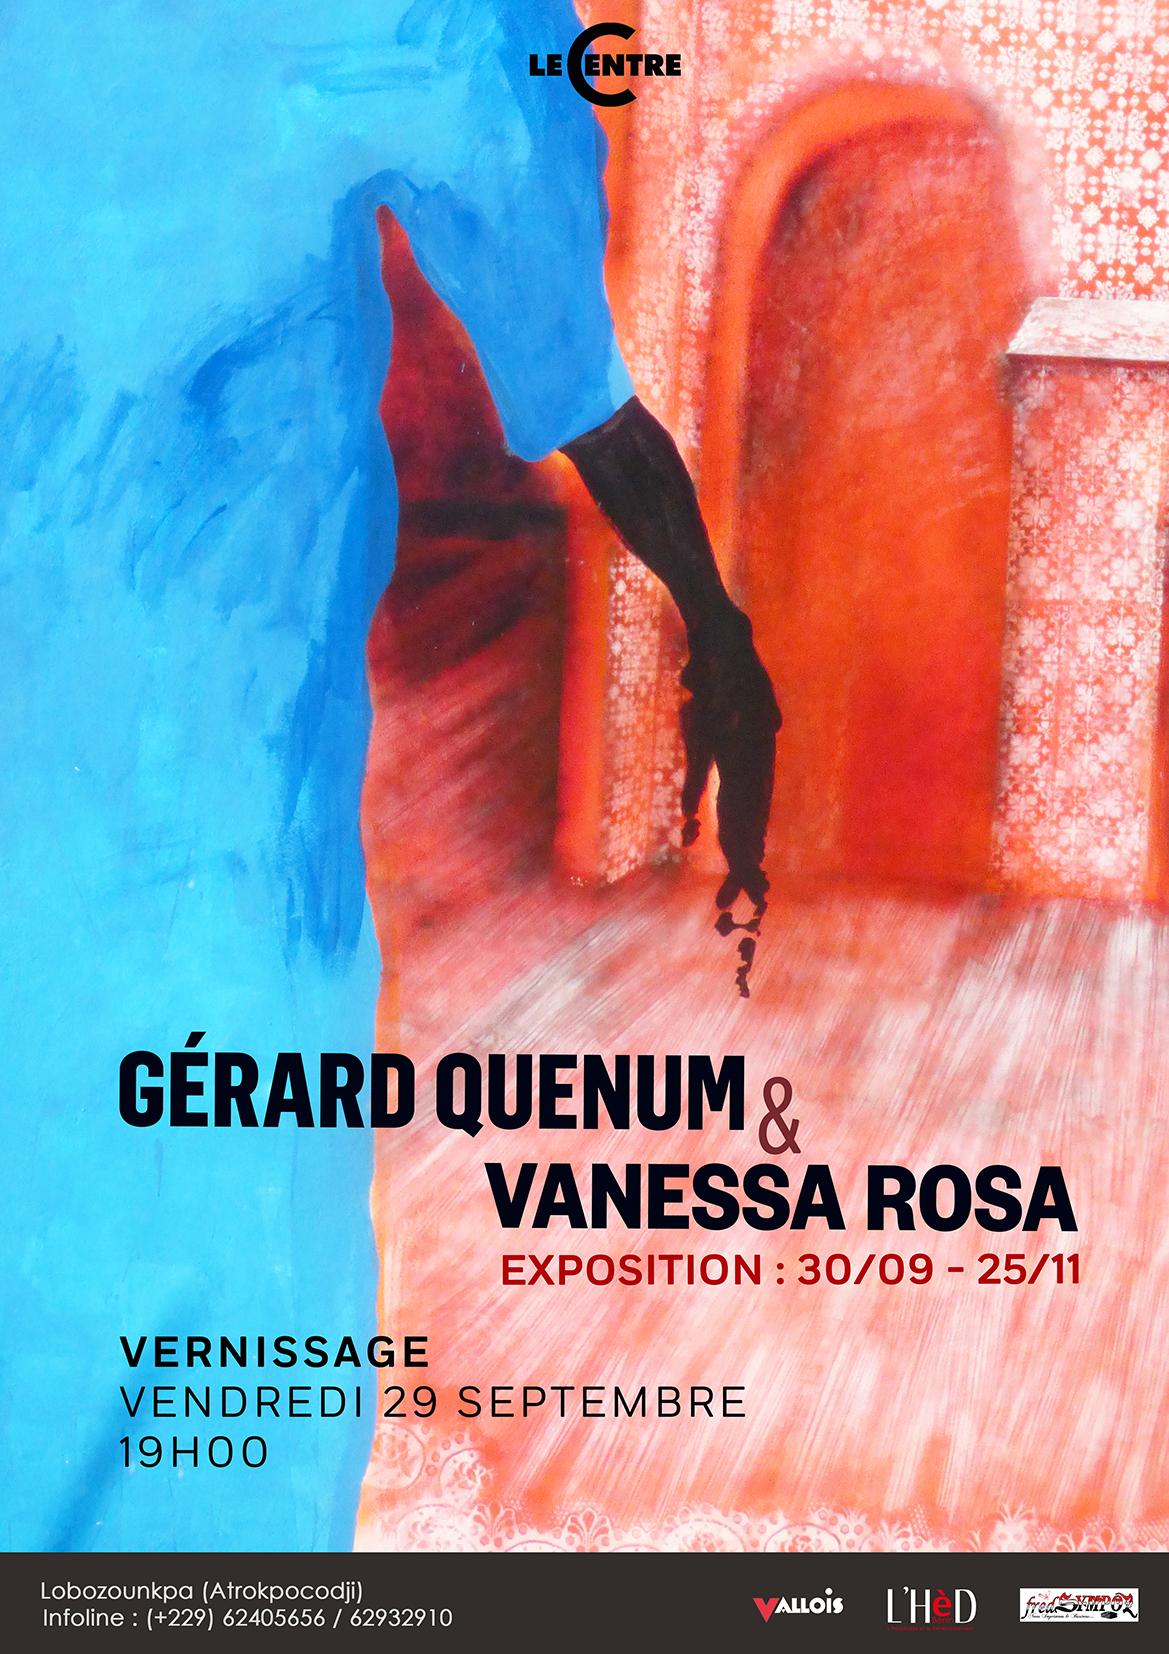 Gérard Quenum & Vanessa Rosa